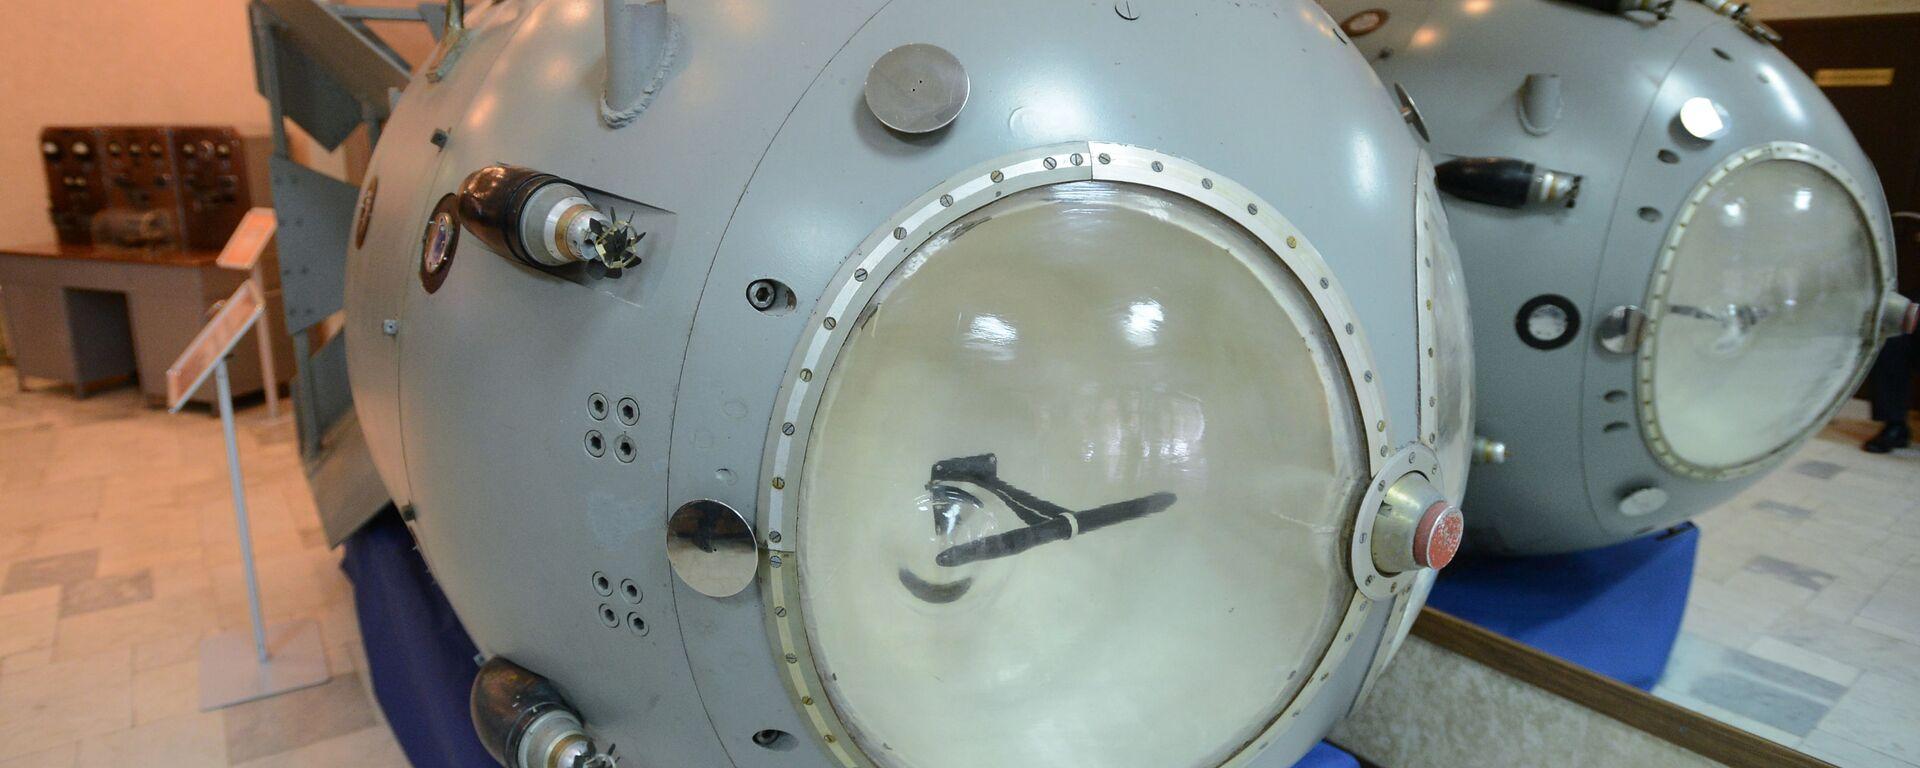 La prima bomba nucleare sovietica RDS-1 nel museo  - Sputnik Italia, 1920, 28.05.2021